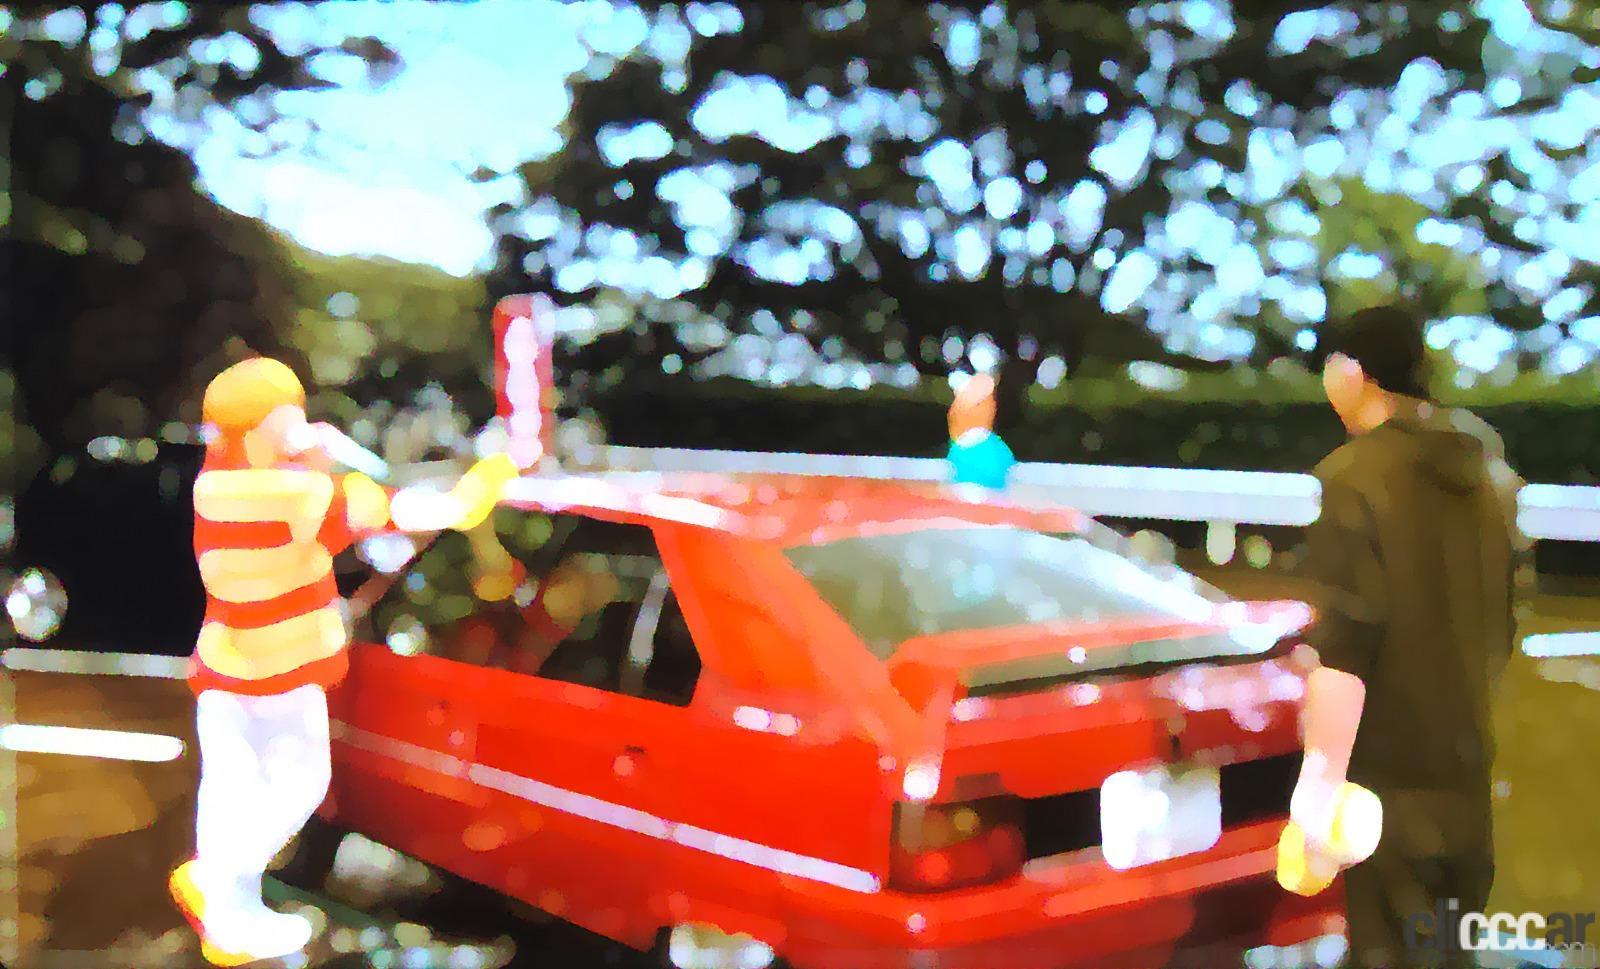 ドラマ「コントが始まる」に出てくるクルマの正体は、シトロエン「BX(ベイクス)」!